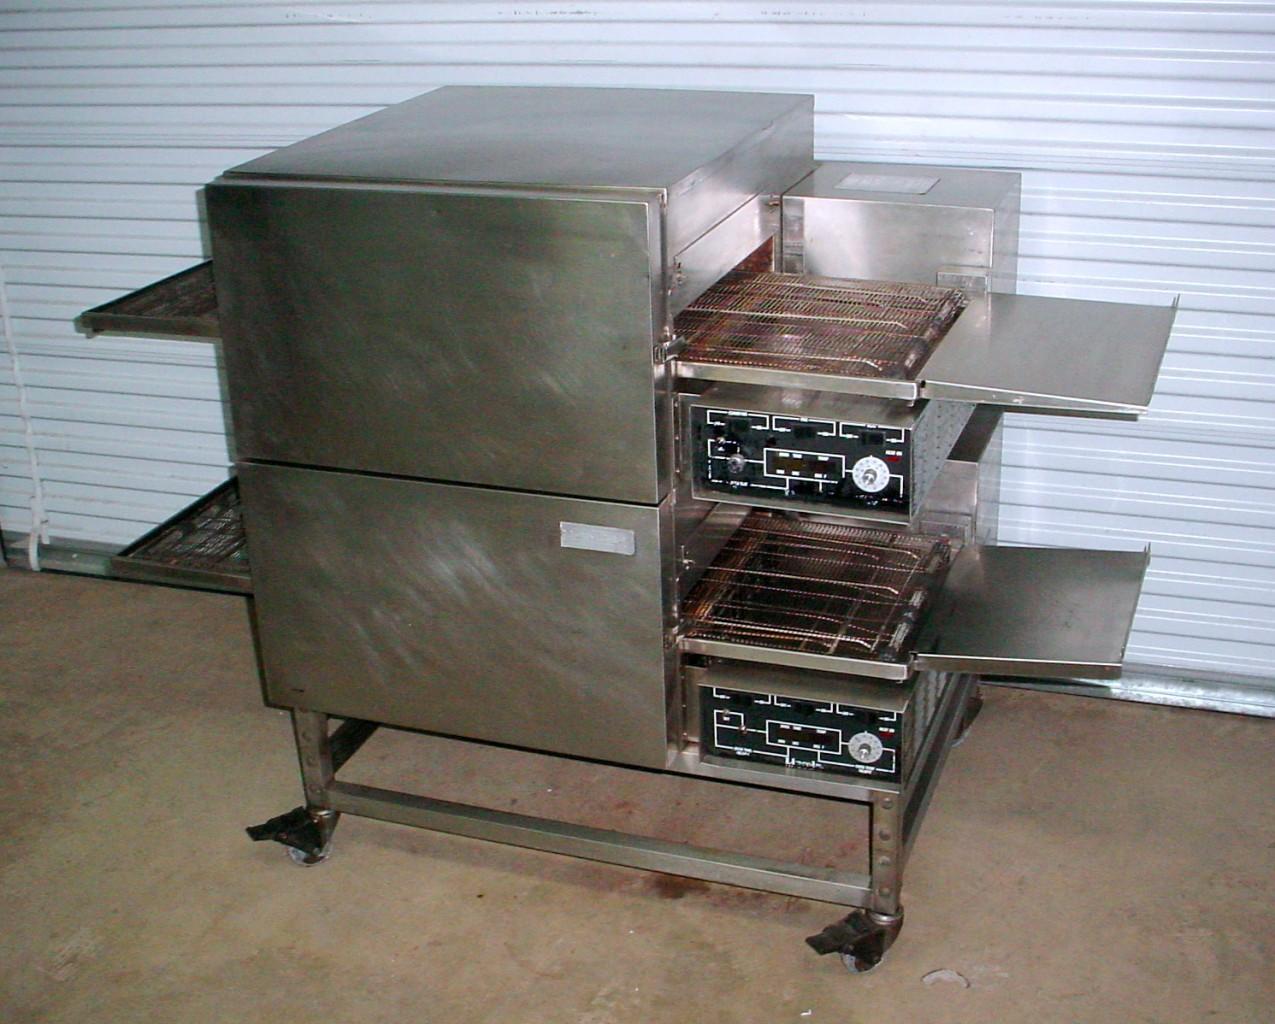 lincoln impinger 1301 lincoln impinger 1301 oven for sale